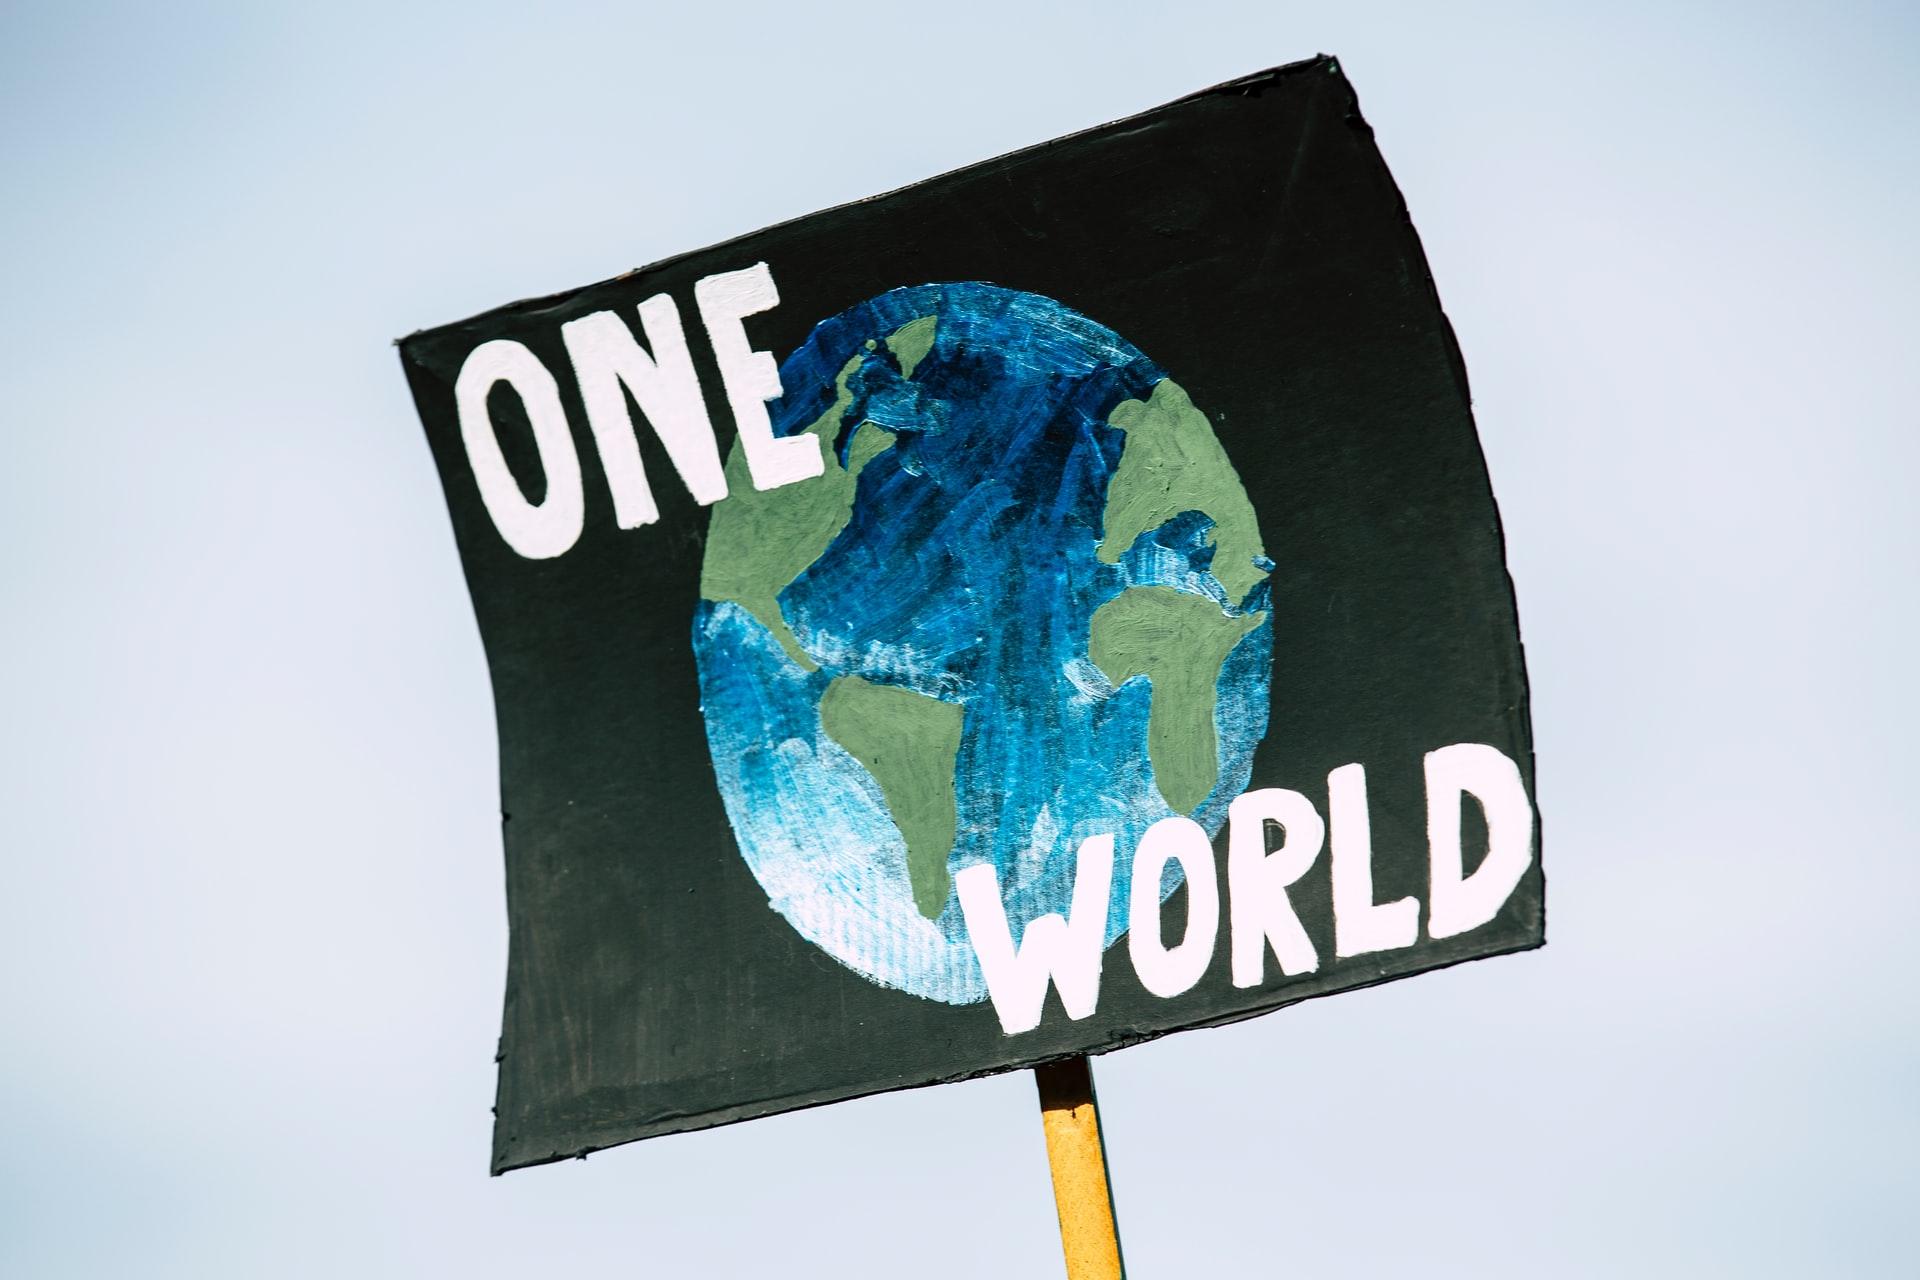 歐盟國家之間的所有氣候緊張局勢。金融時報報告